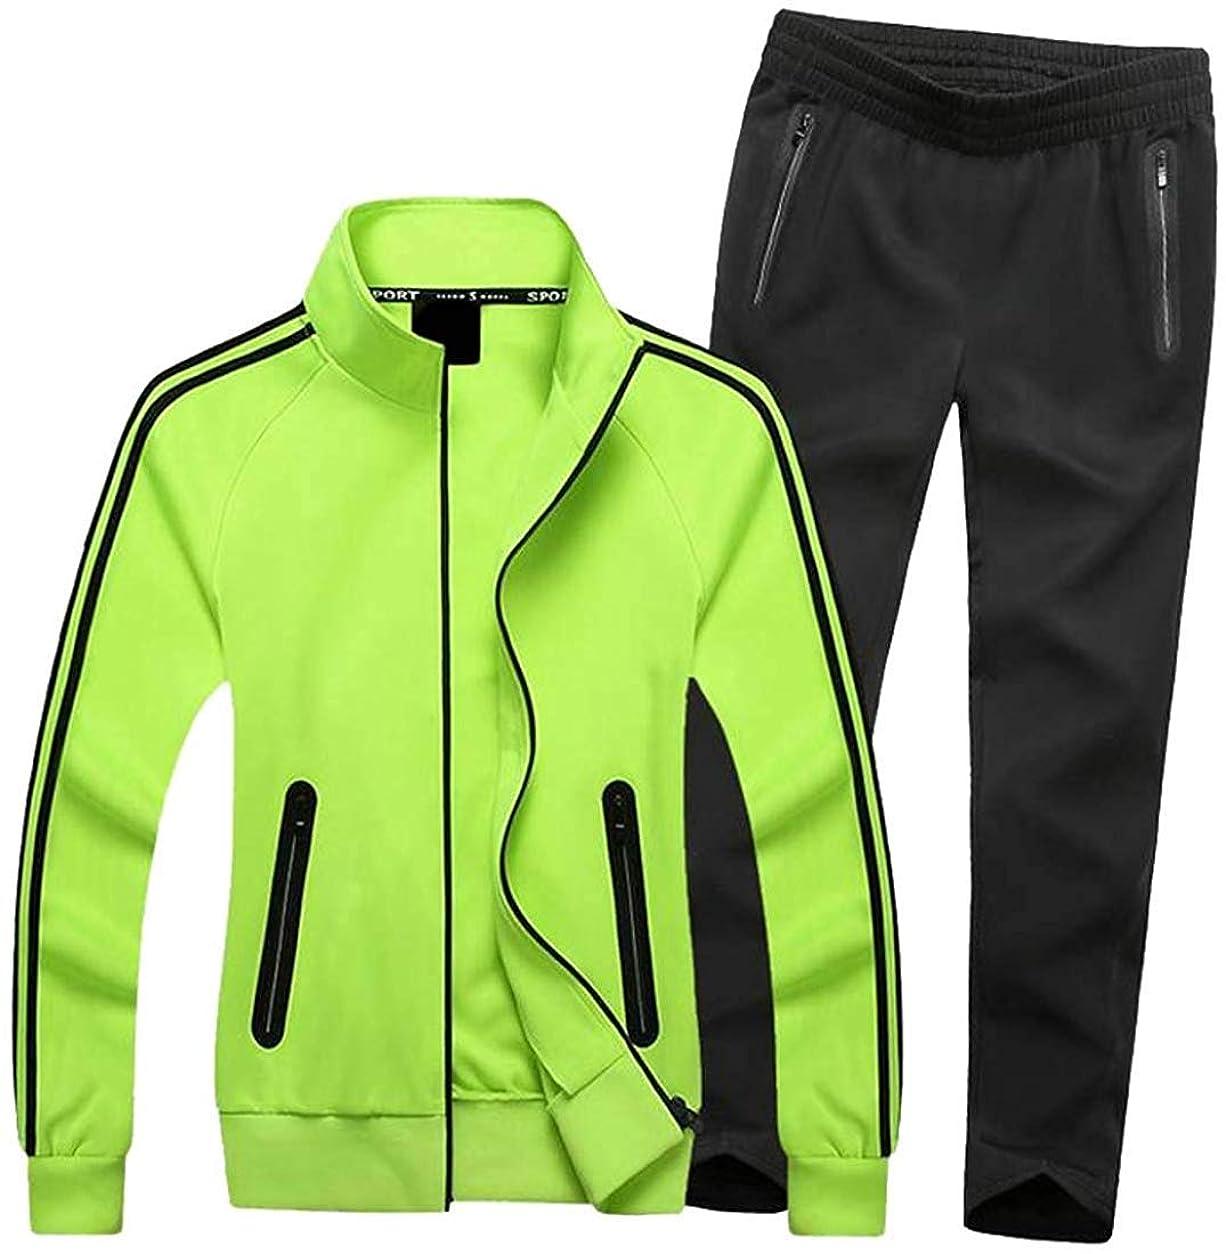 南西代替案正気レディース2ピースプラスサイズジャケットコートパンツストライプスポーツウェアトラックスーツセット Black Medium